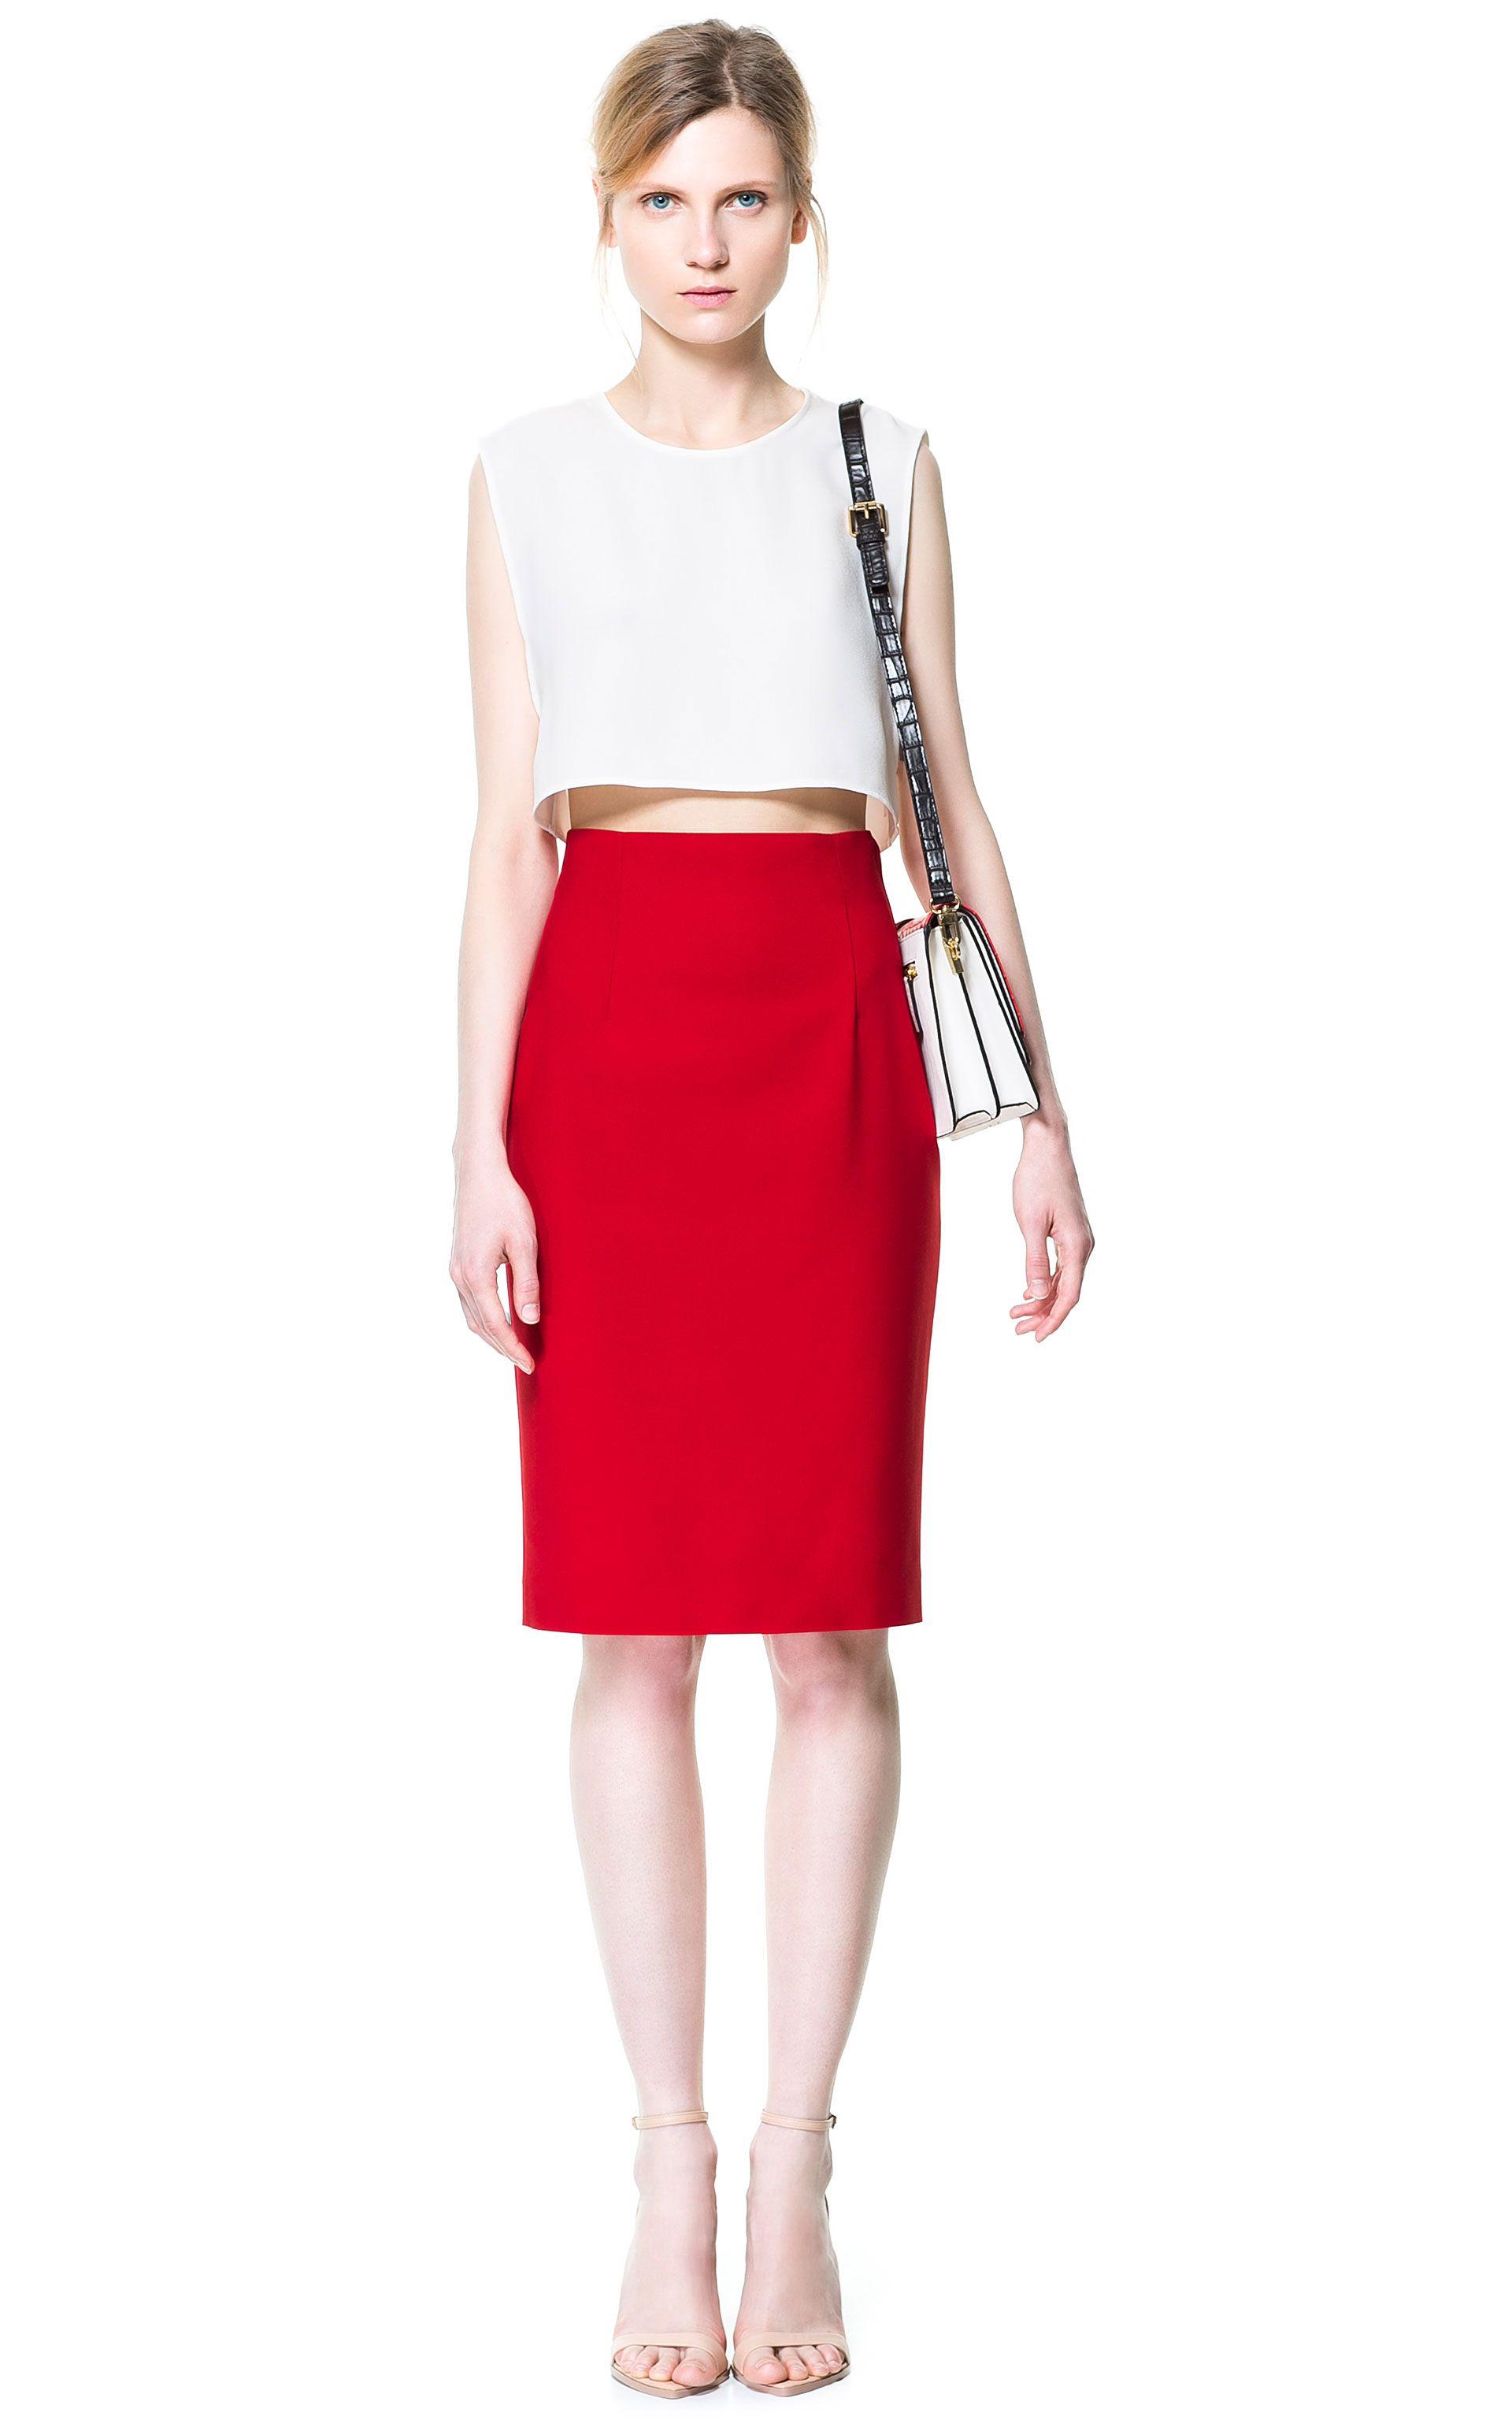 8adffeae5c High Waist Pencil Skirt | Zara | Style | High waisted pencil skirt ...